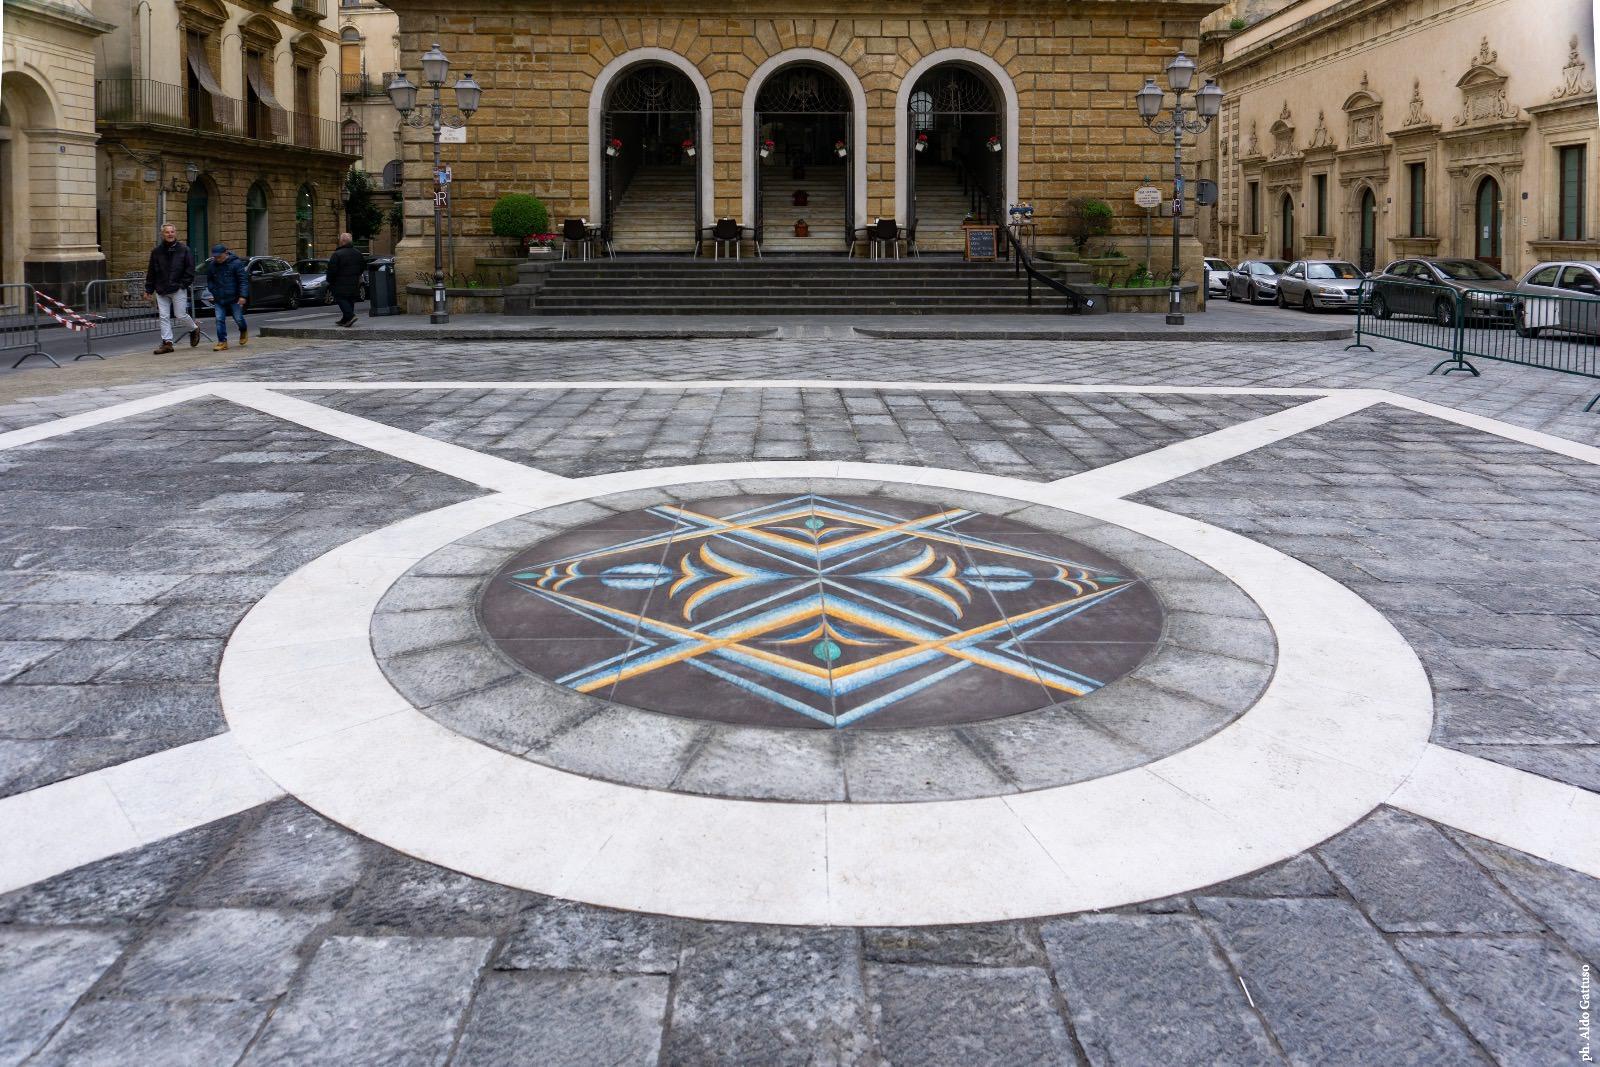 madeamano-work-2020-02-Caltagirone-piazza-municipio-02